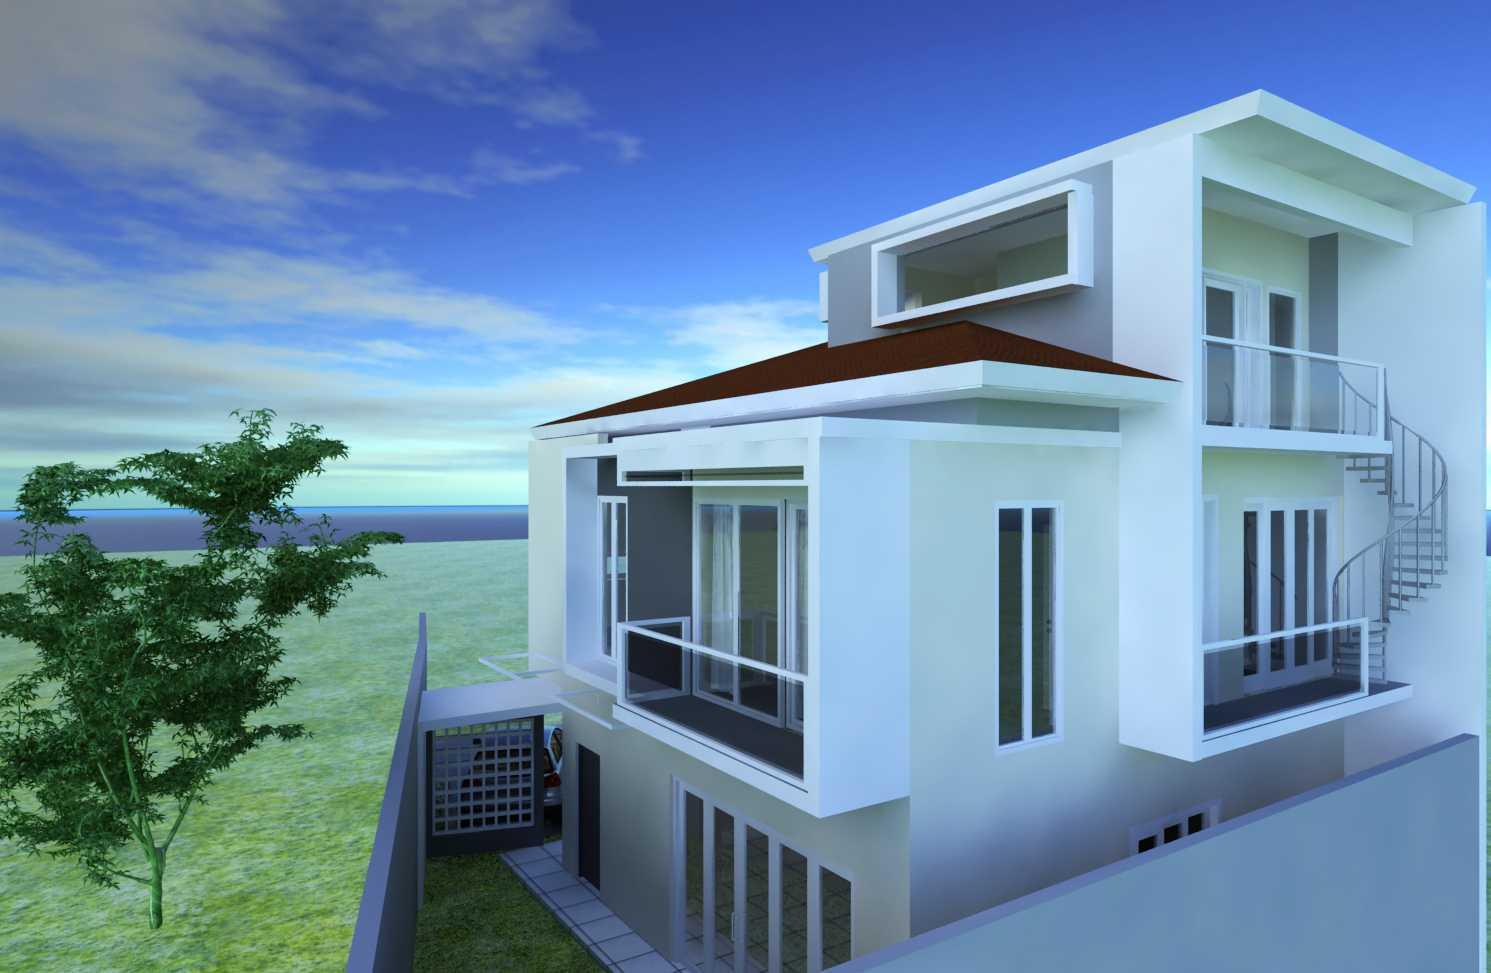 Oktavian Vicky Rantung Douglas House Manado Manado Fix2 Kontemporer 11559